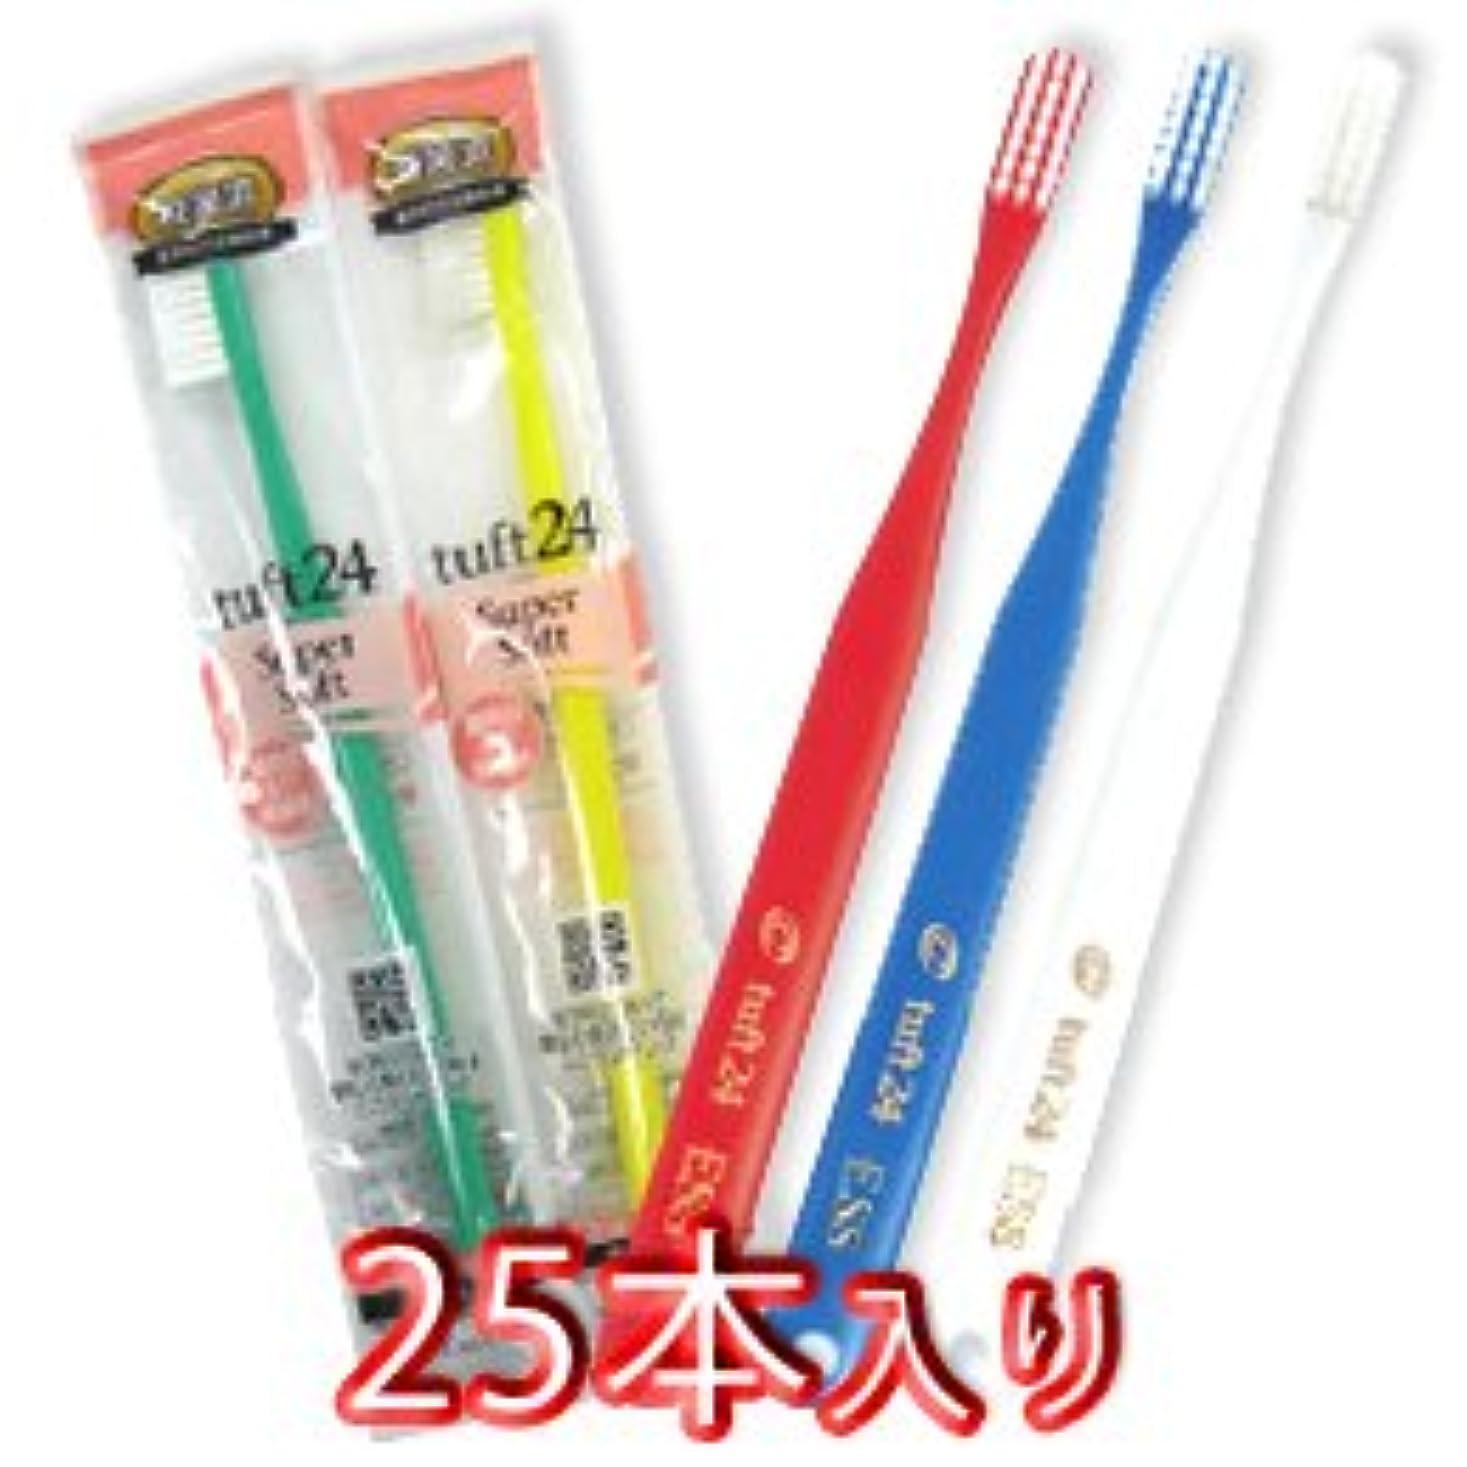 マーキング器具前投薬キャップ付き タフト 24 歯ブラシ スーパーソフト 25本 (アソート)